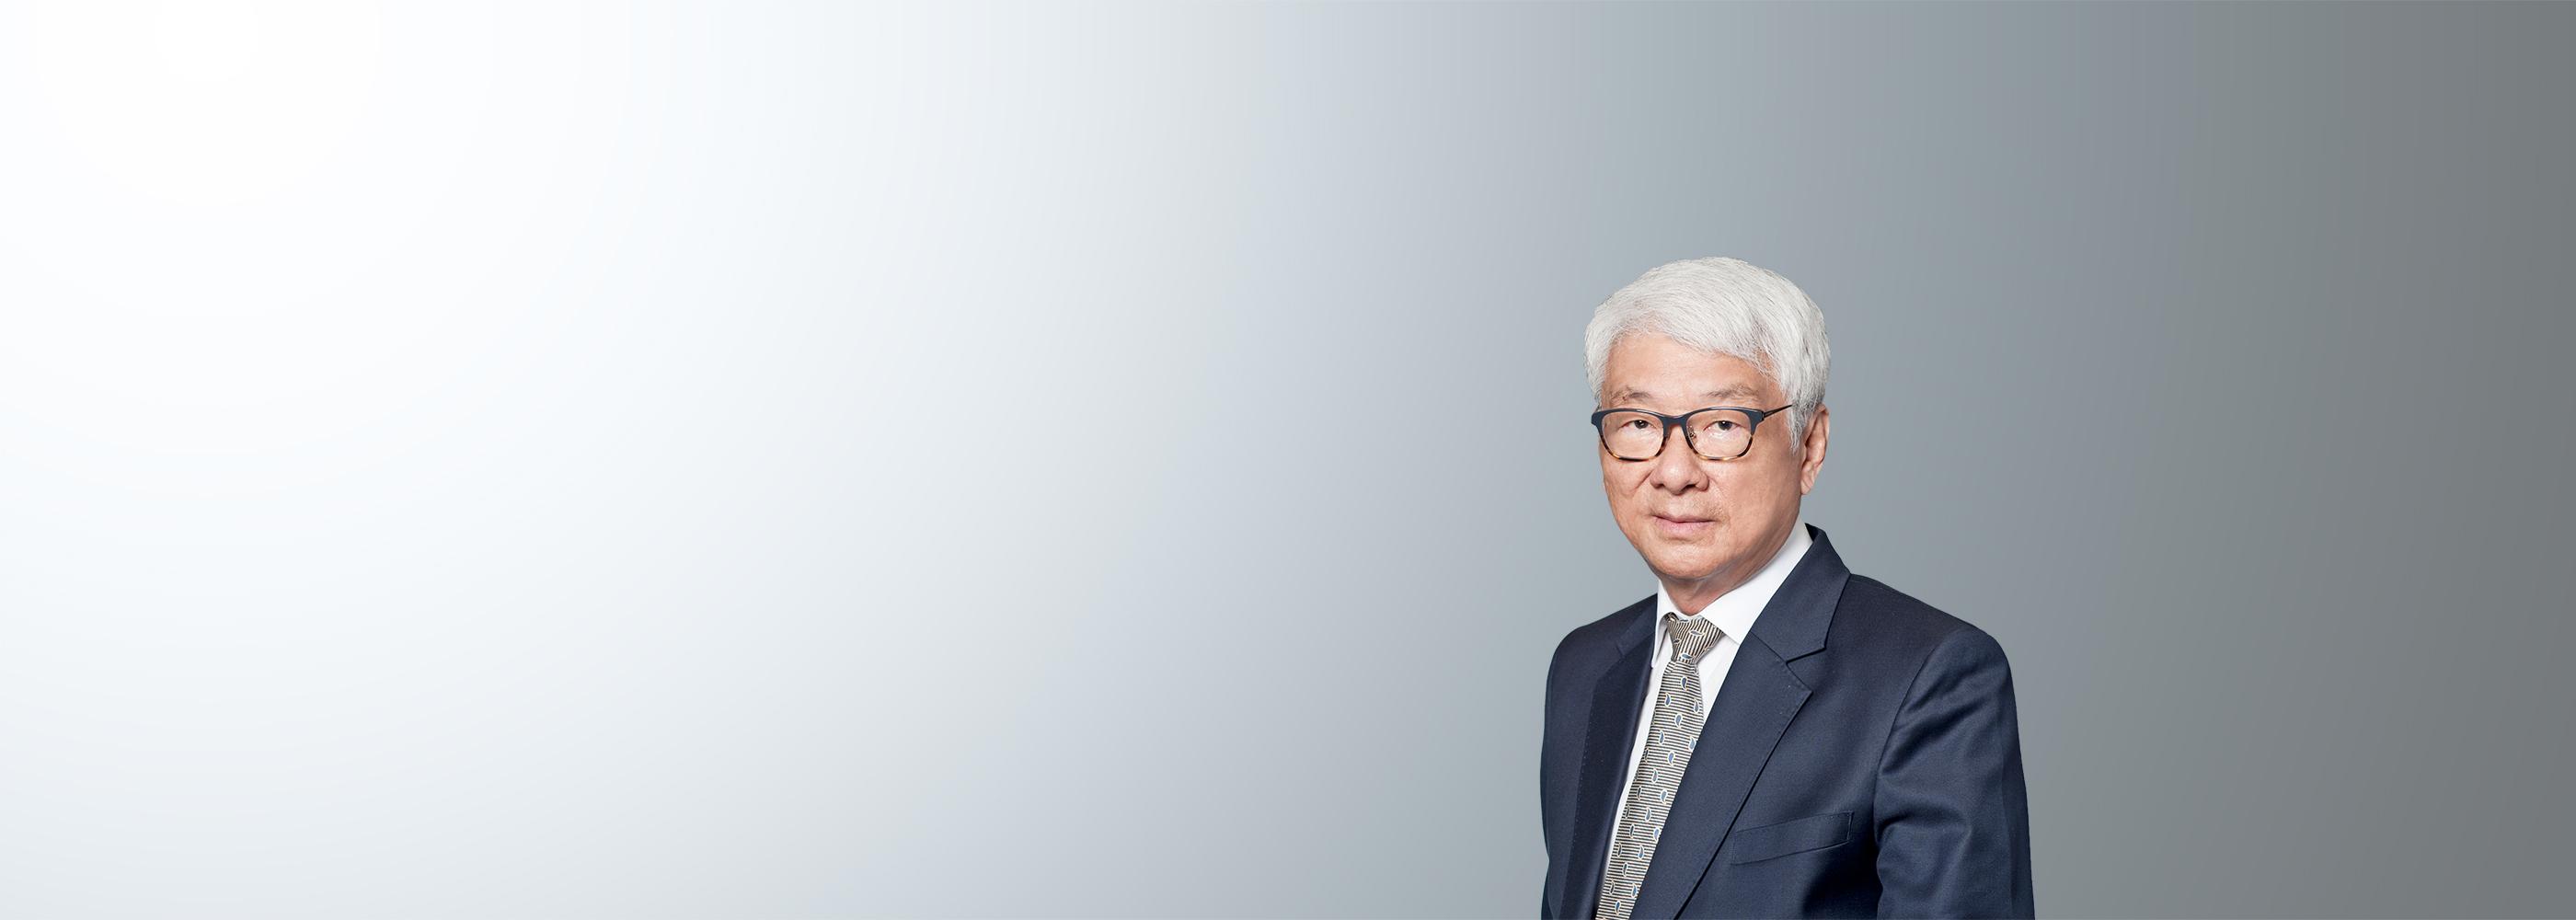 WONG Meng Meng, Senior Counsel